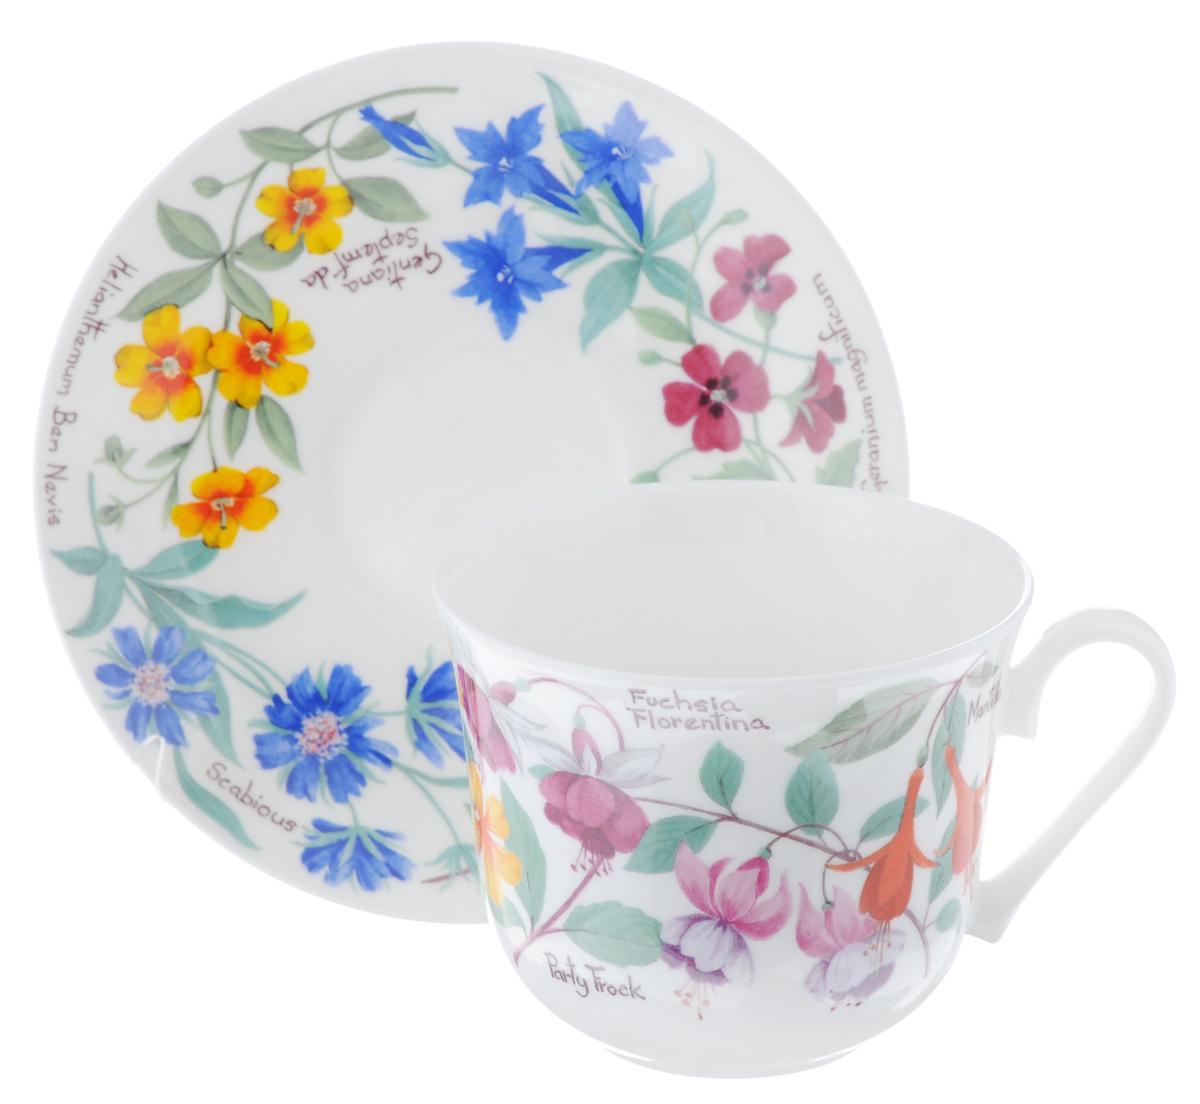 Чайная пара Roy Kirkham Цветочный сад, 2 предметаXGARFL1100Чайная пара Roy Kirkham Цветочный сад состоит из чашки и блюдца, изготовленных из тонкостенного костяного фарфора высшего качества, отличающегося необыкновенной прочностью и небольшим весом. Изделия оформлены цветочным рисунком. Яркий дизайн, несомненно, придется вам по вкусу. Чайная пара Roy Kirkham Цветочный сад украсит ваш кухонный стол, а также станет замечательным подарком к любому празднику. Объем чашки: 500 мл. Диаметр чашки по верхнему краю: 10,5 см. Высота чашки: 8,5 см. Диаметр блюдца: 17 см. Высота блюдца: 2,5 см.